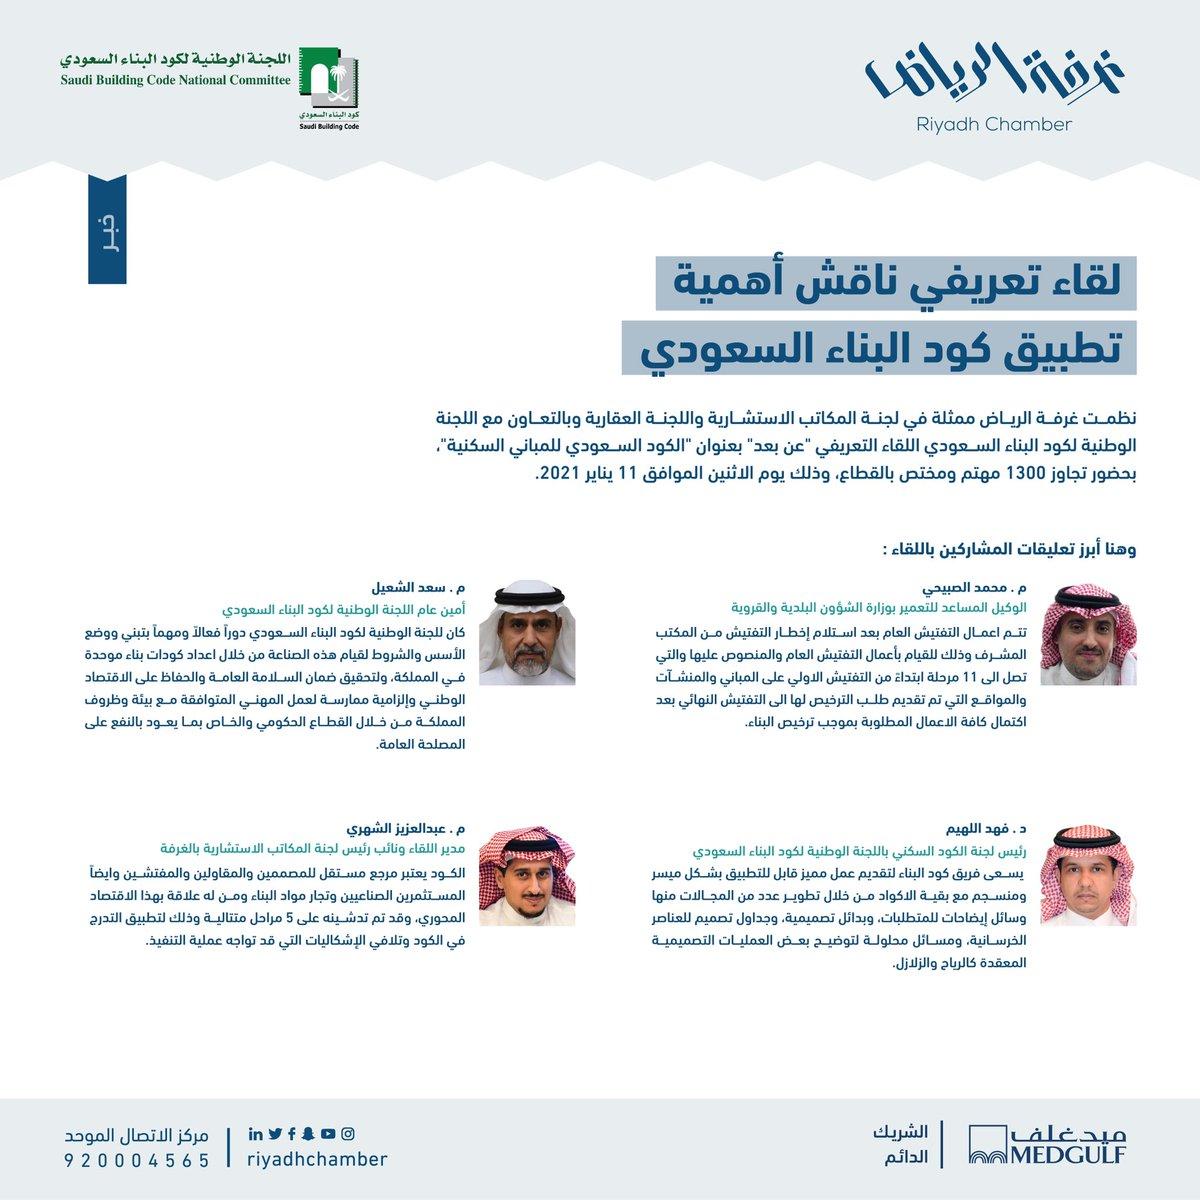 #خبر لقاء تعريفي ناقش أهمية تطبيق كود البناء السعودي #غرفة_الرياض  #صوت_اعمالك https://t.co/prLXLEtpWx